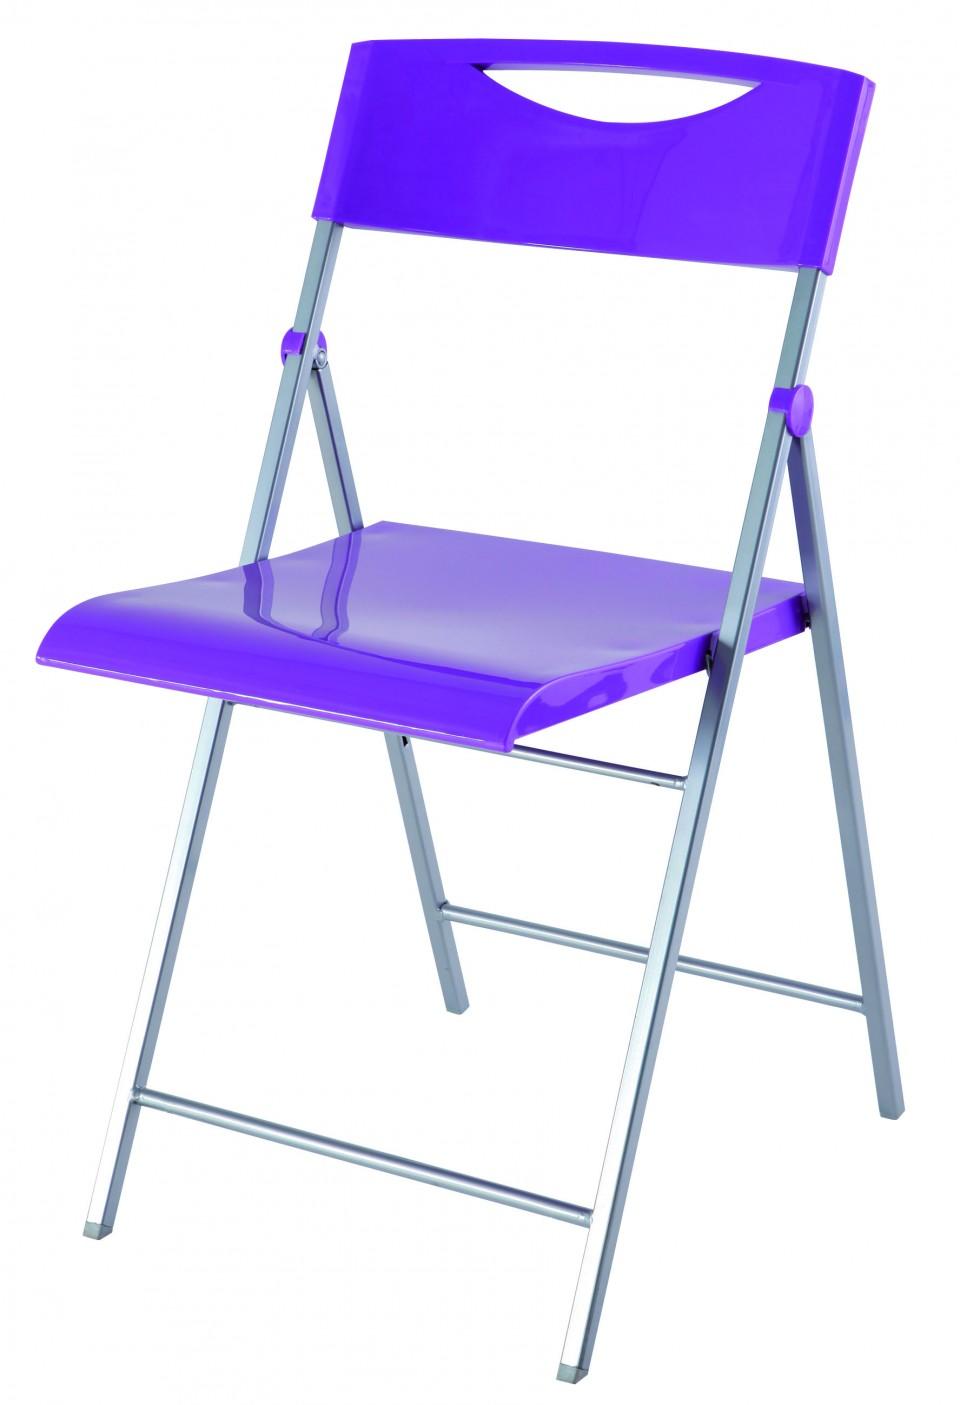 Chaise pliante sky achat chaises pliantes 64 00 for Chaise de bureau pliante